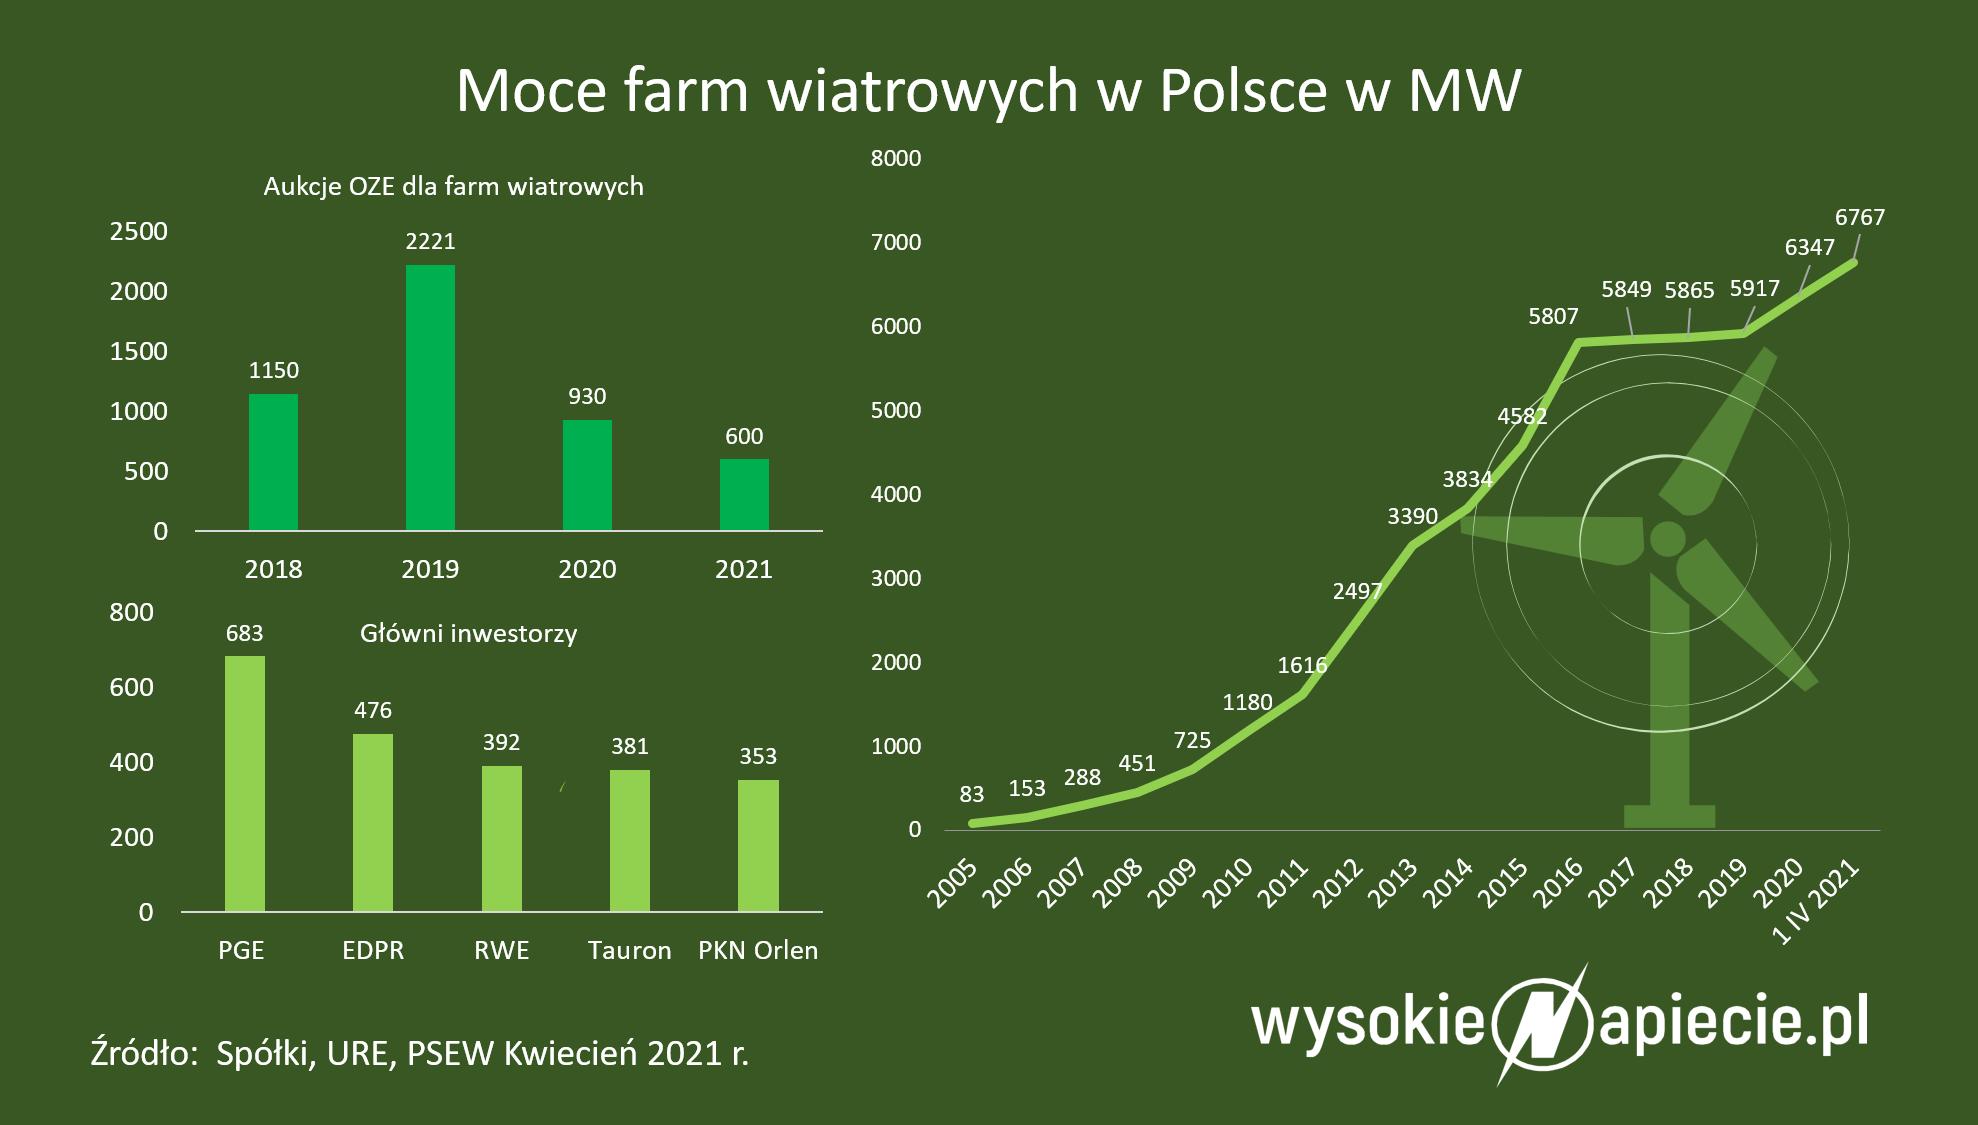 grafika przedstawiająca moce farm wiatrowych w Polsce